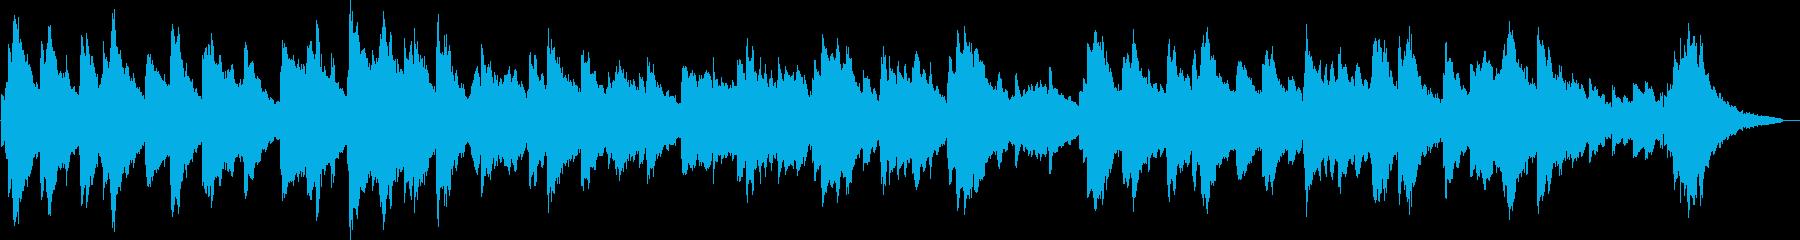 ローズピアノの眠くなるBGMの再生済みの波形